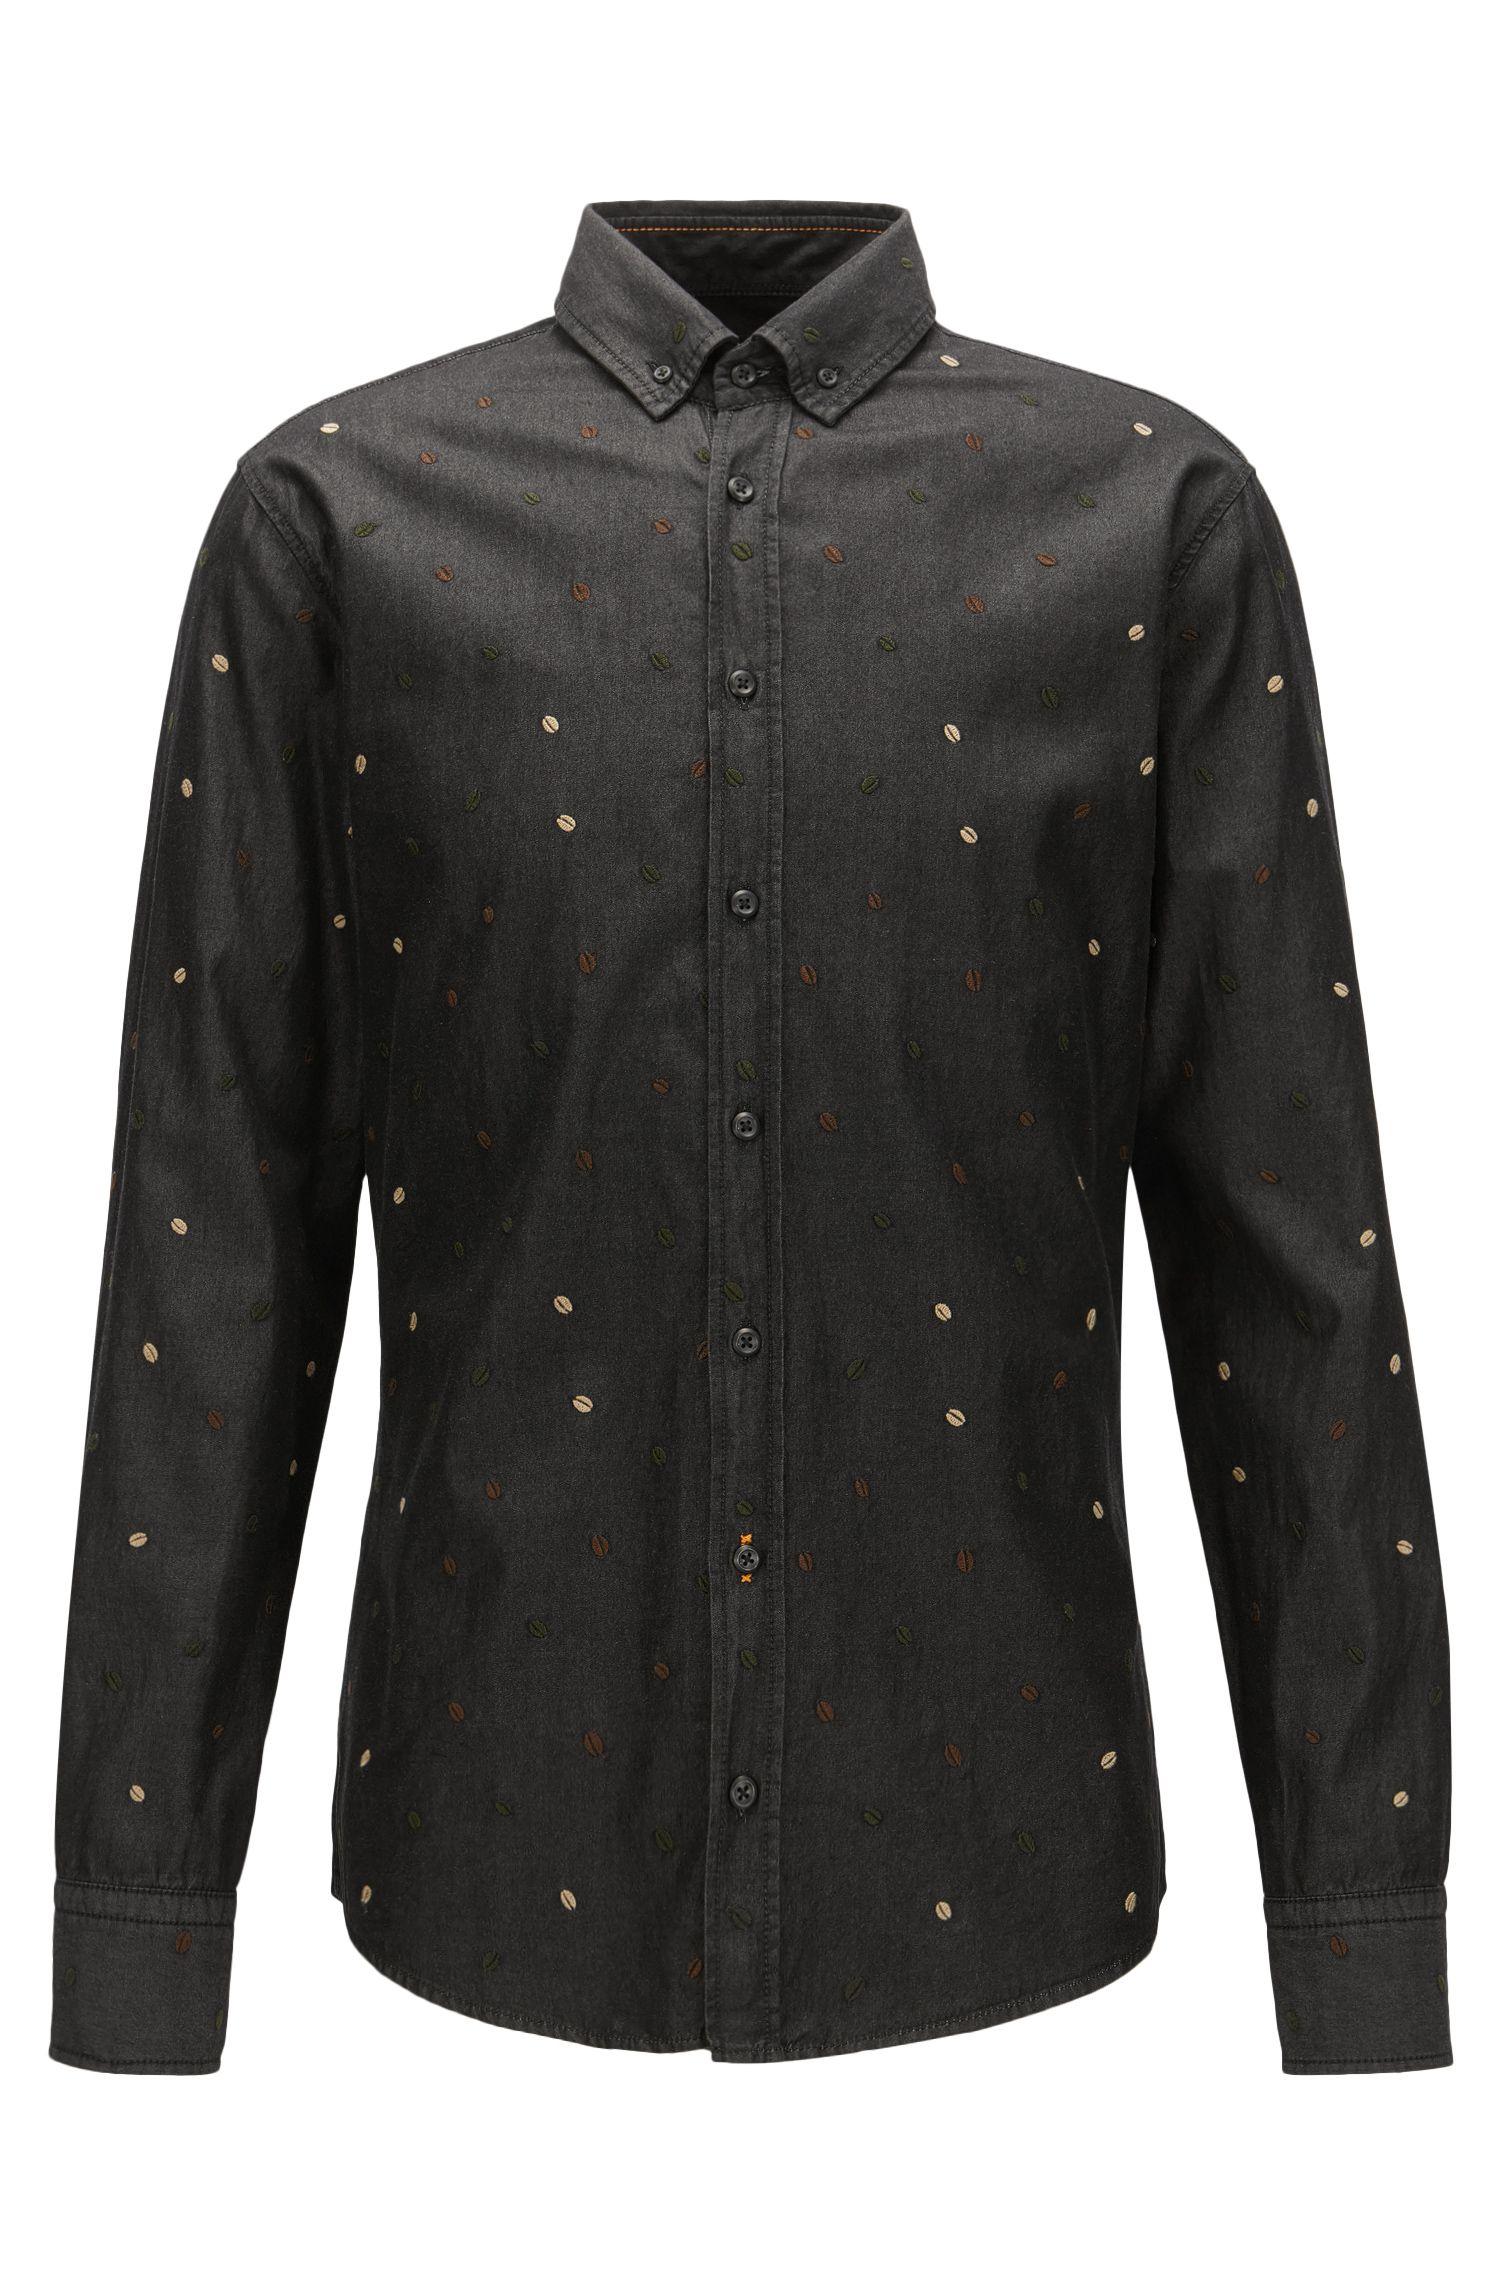 Slim-fit, gestikt overhemd van zwart denim met enzymwassing